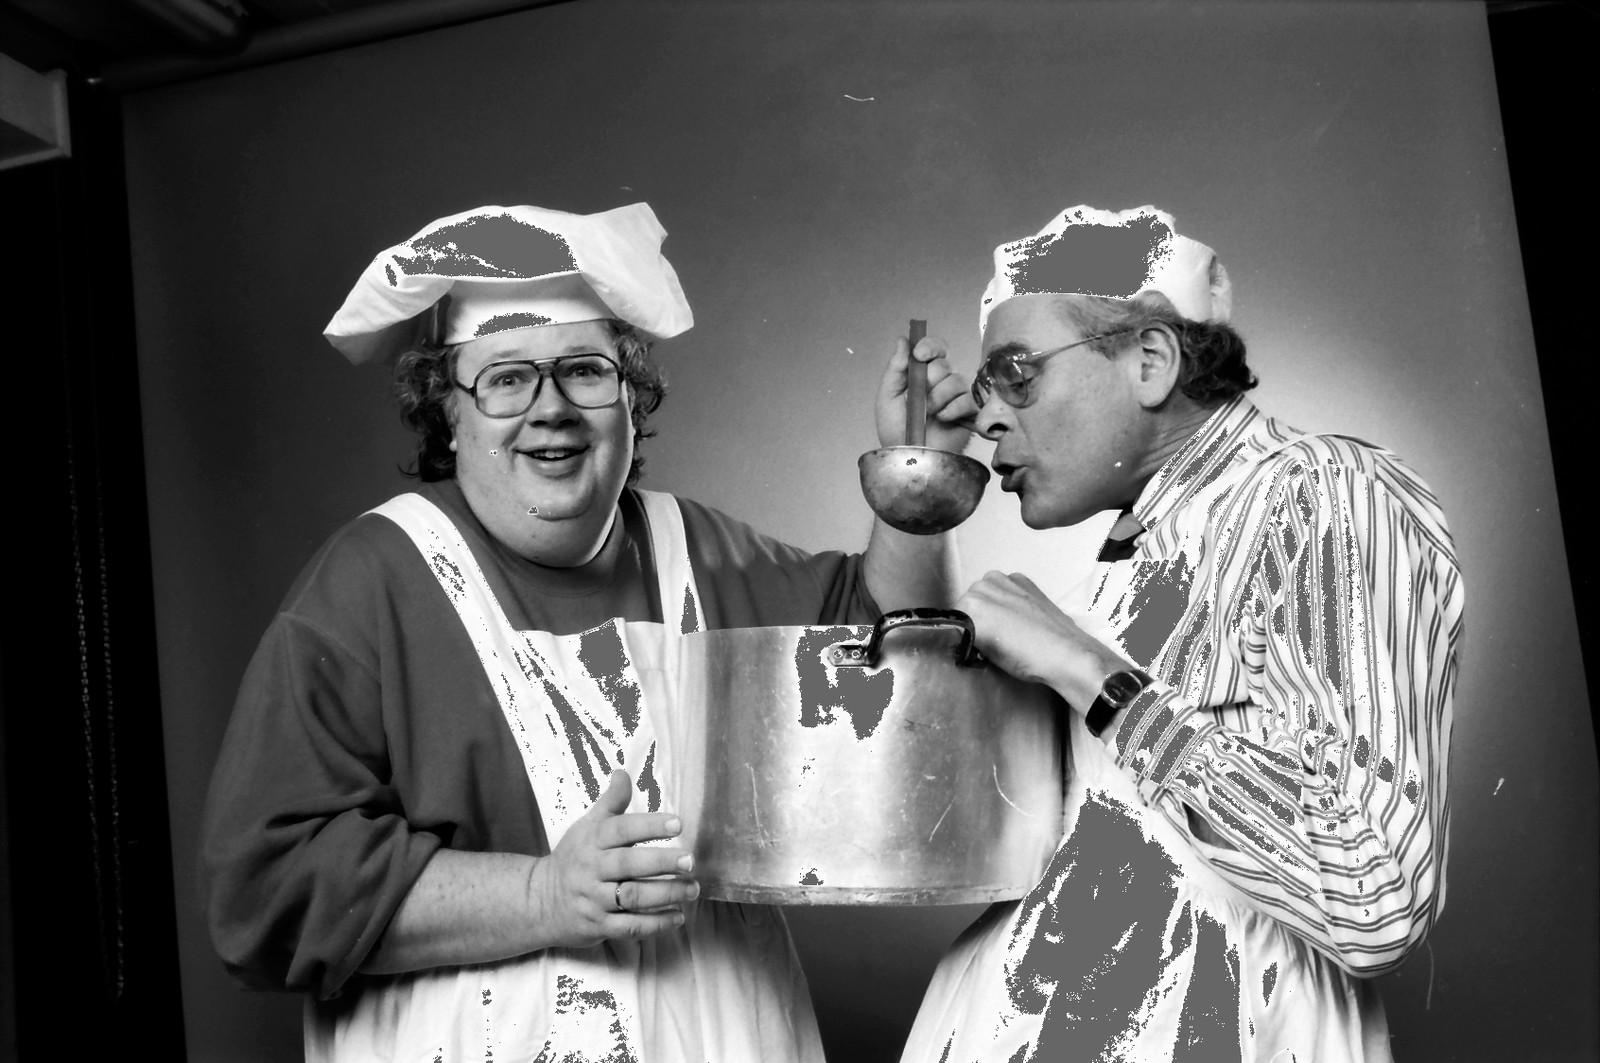 Borgulfsens betasuppe 1992 Knut Borge (t.v) og Torkjell Berulfsen med kokkeluer og suppekjele i atelier.